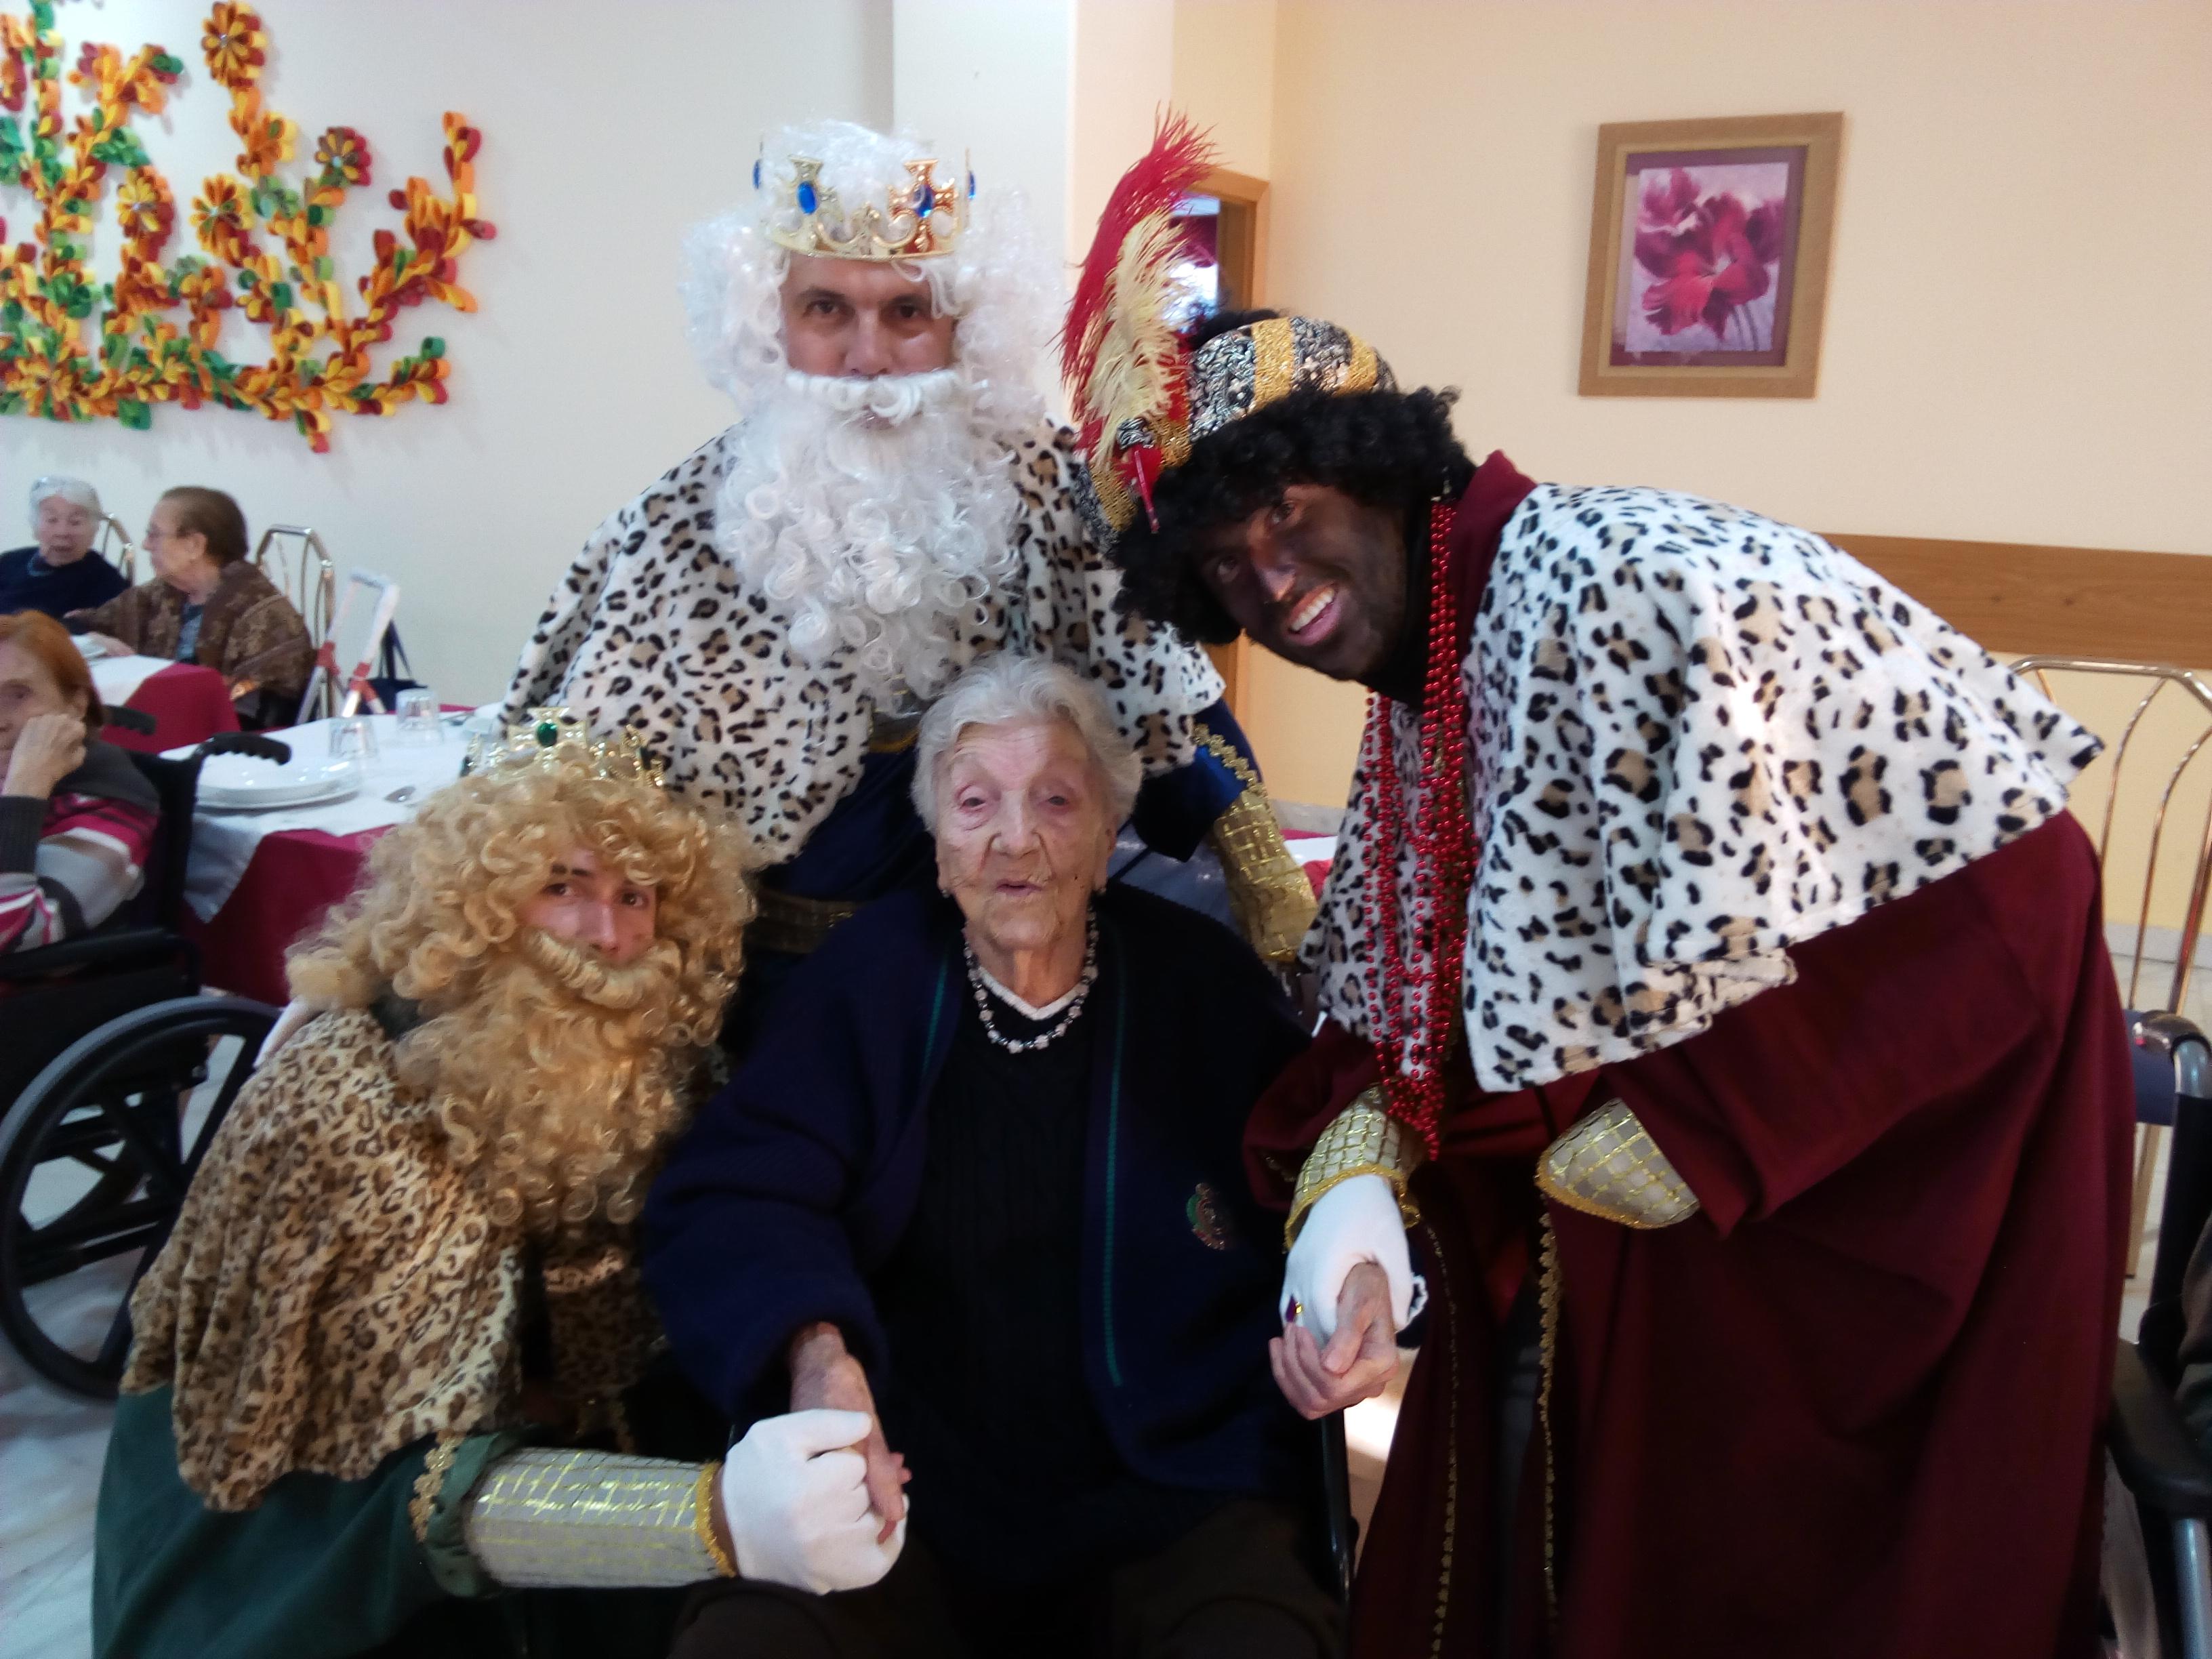 Urbanización de Mayores celebra la festividad de Reyes